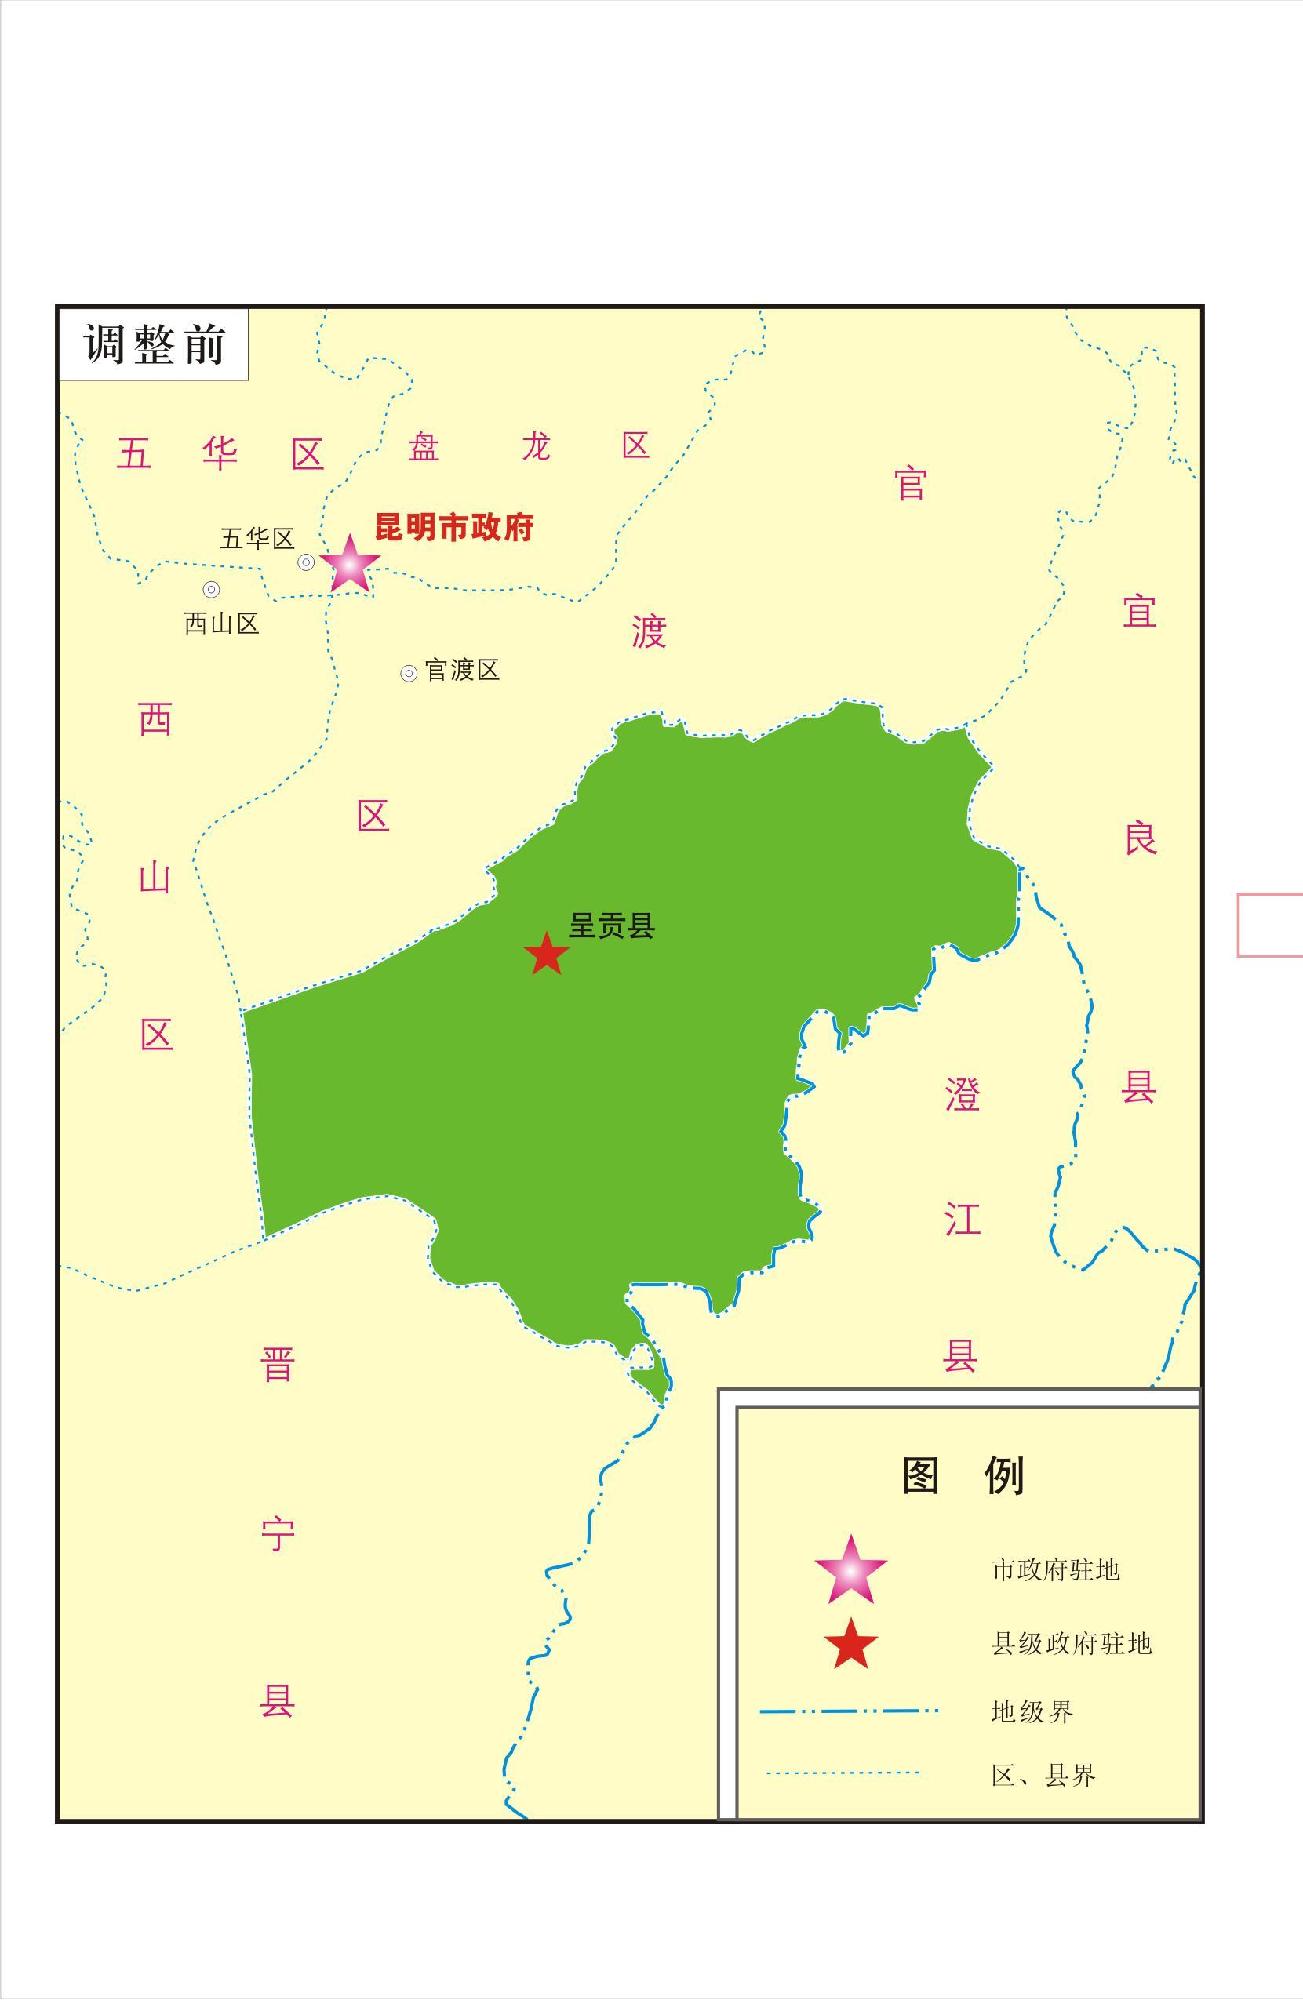 地图函〔2011〕6号   根据《国务院关于同意云南省调整昆明市部分行政